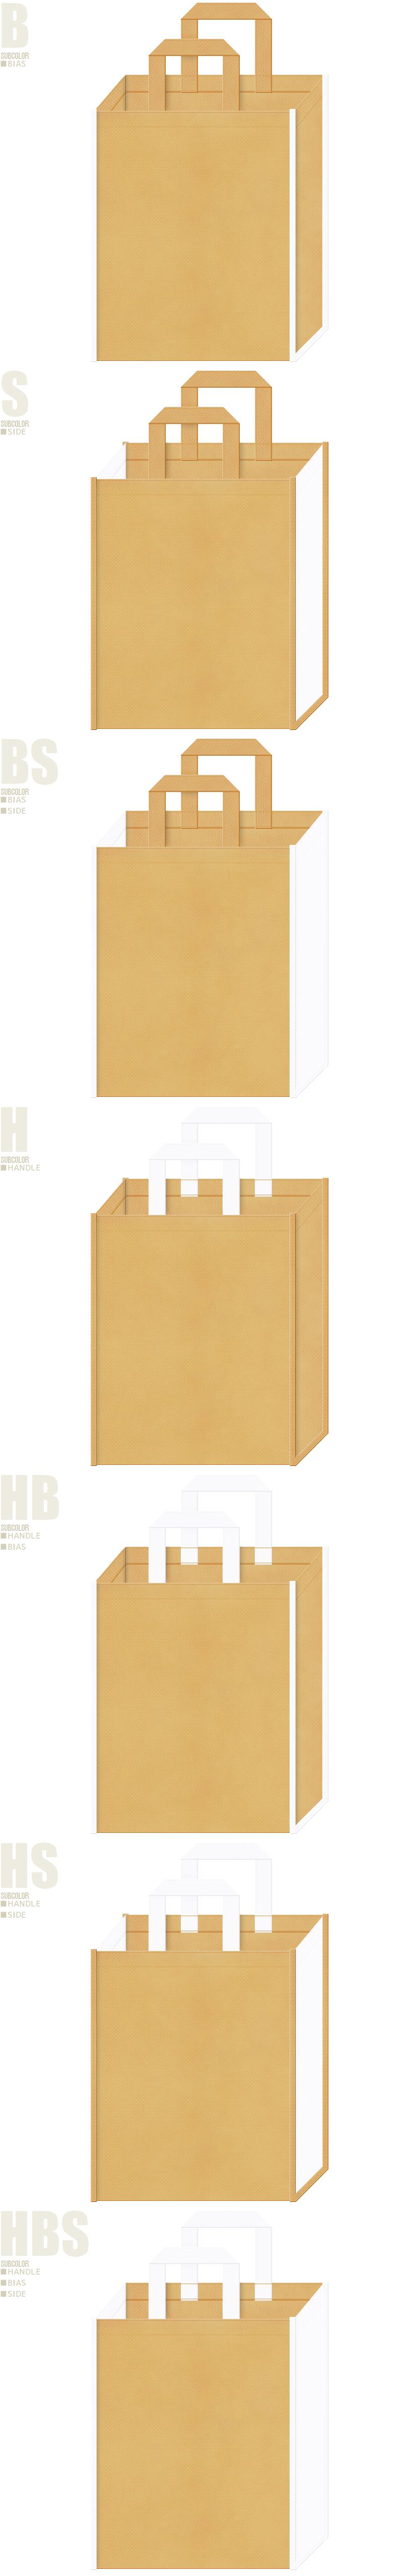 不織布バッグのデザイン:薄黄土色と白色の配色7パターン